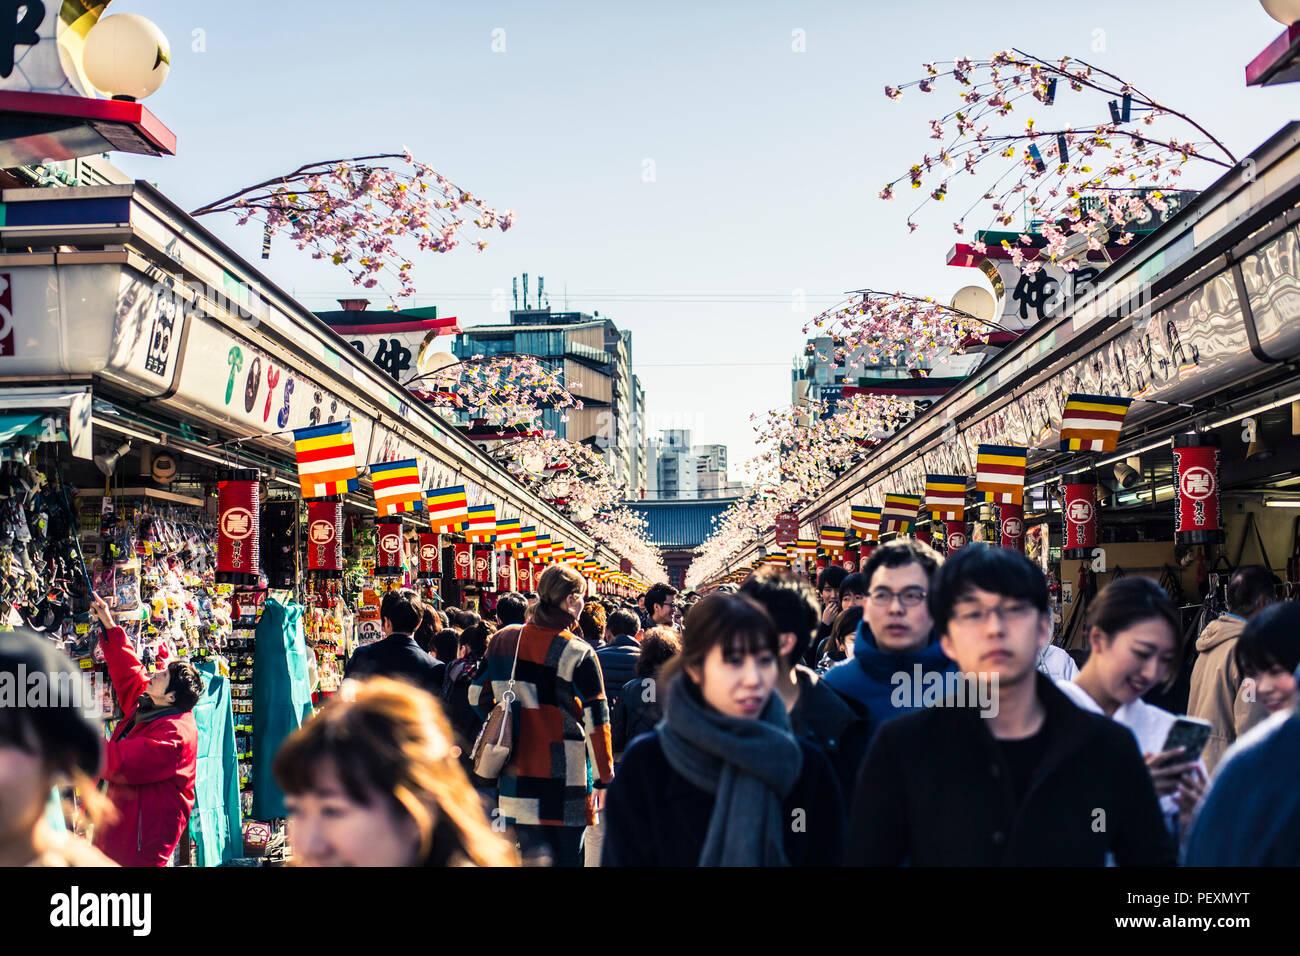 La rue du marché à Asakusa près de Temple Senso-ji à Tokyo, Japon Photo Stock